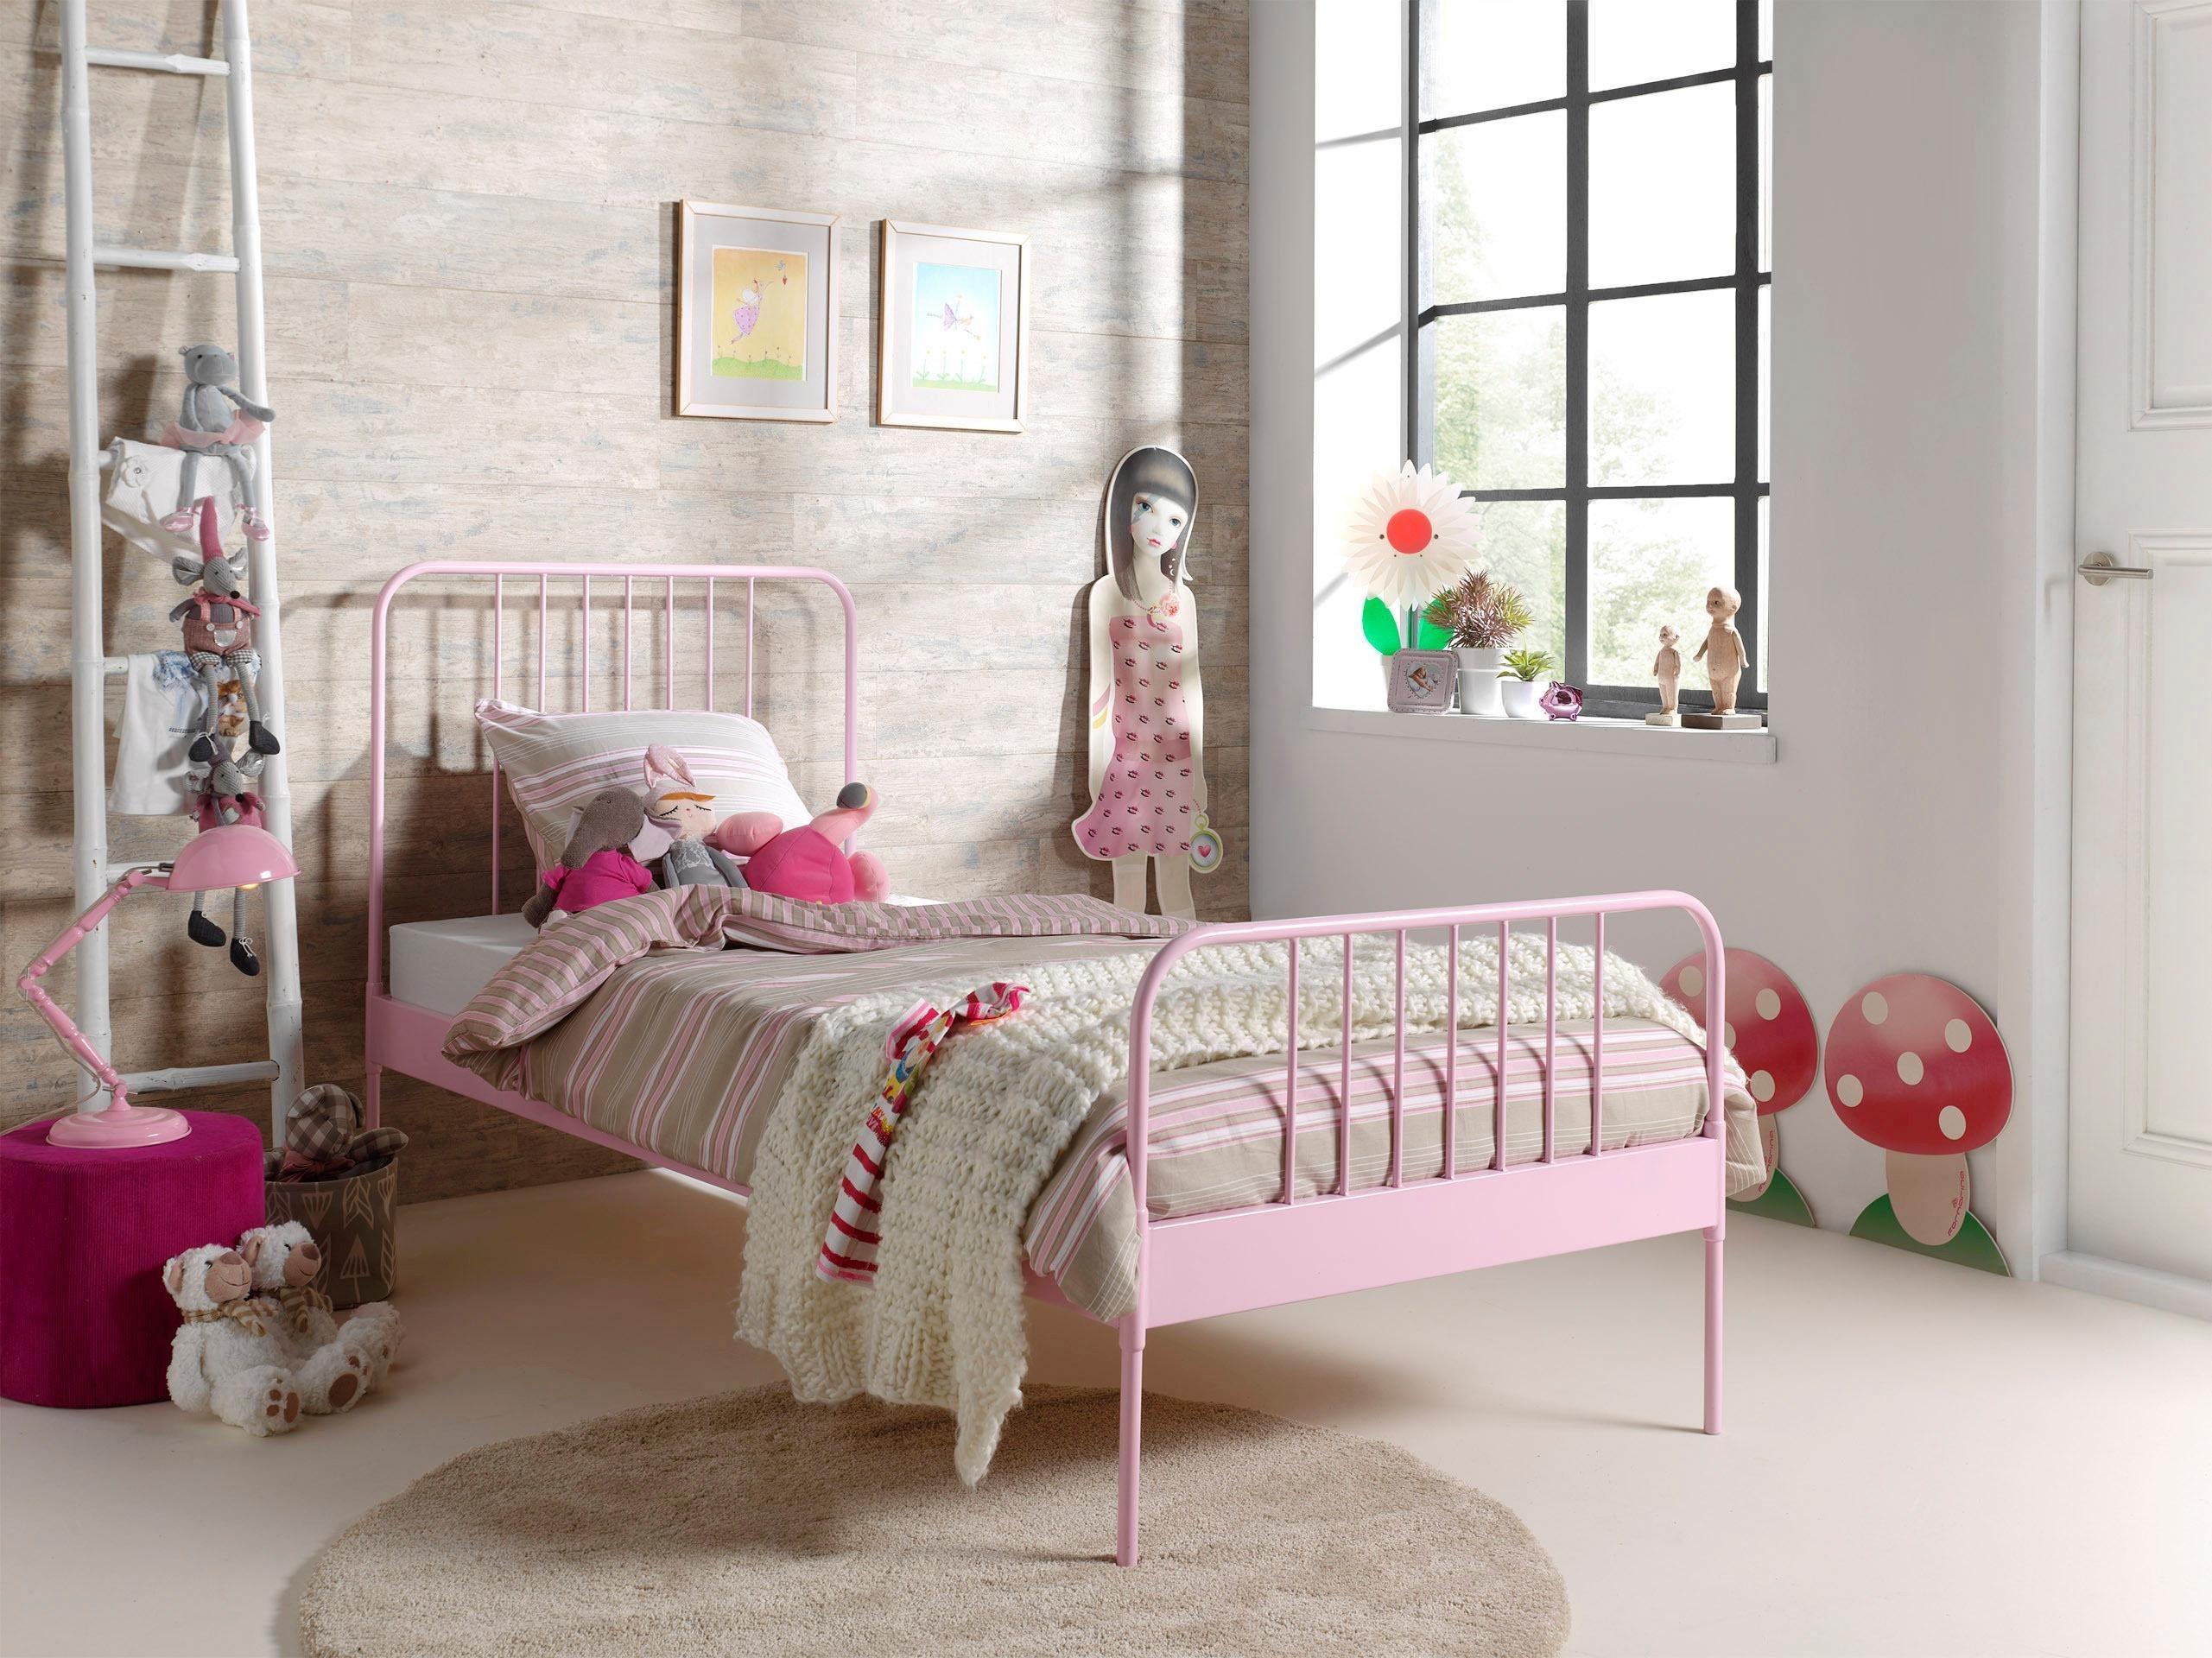 einzelbett ohne lattenrost preisvergleich die besten. Black Bedroom Furniture Sets. Home Design Ideas